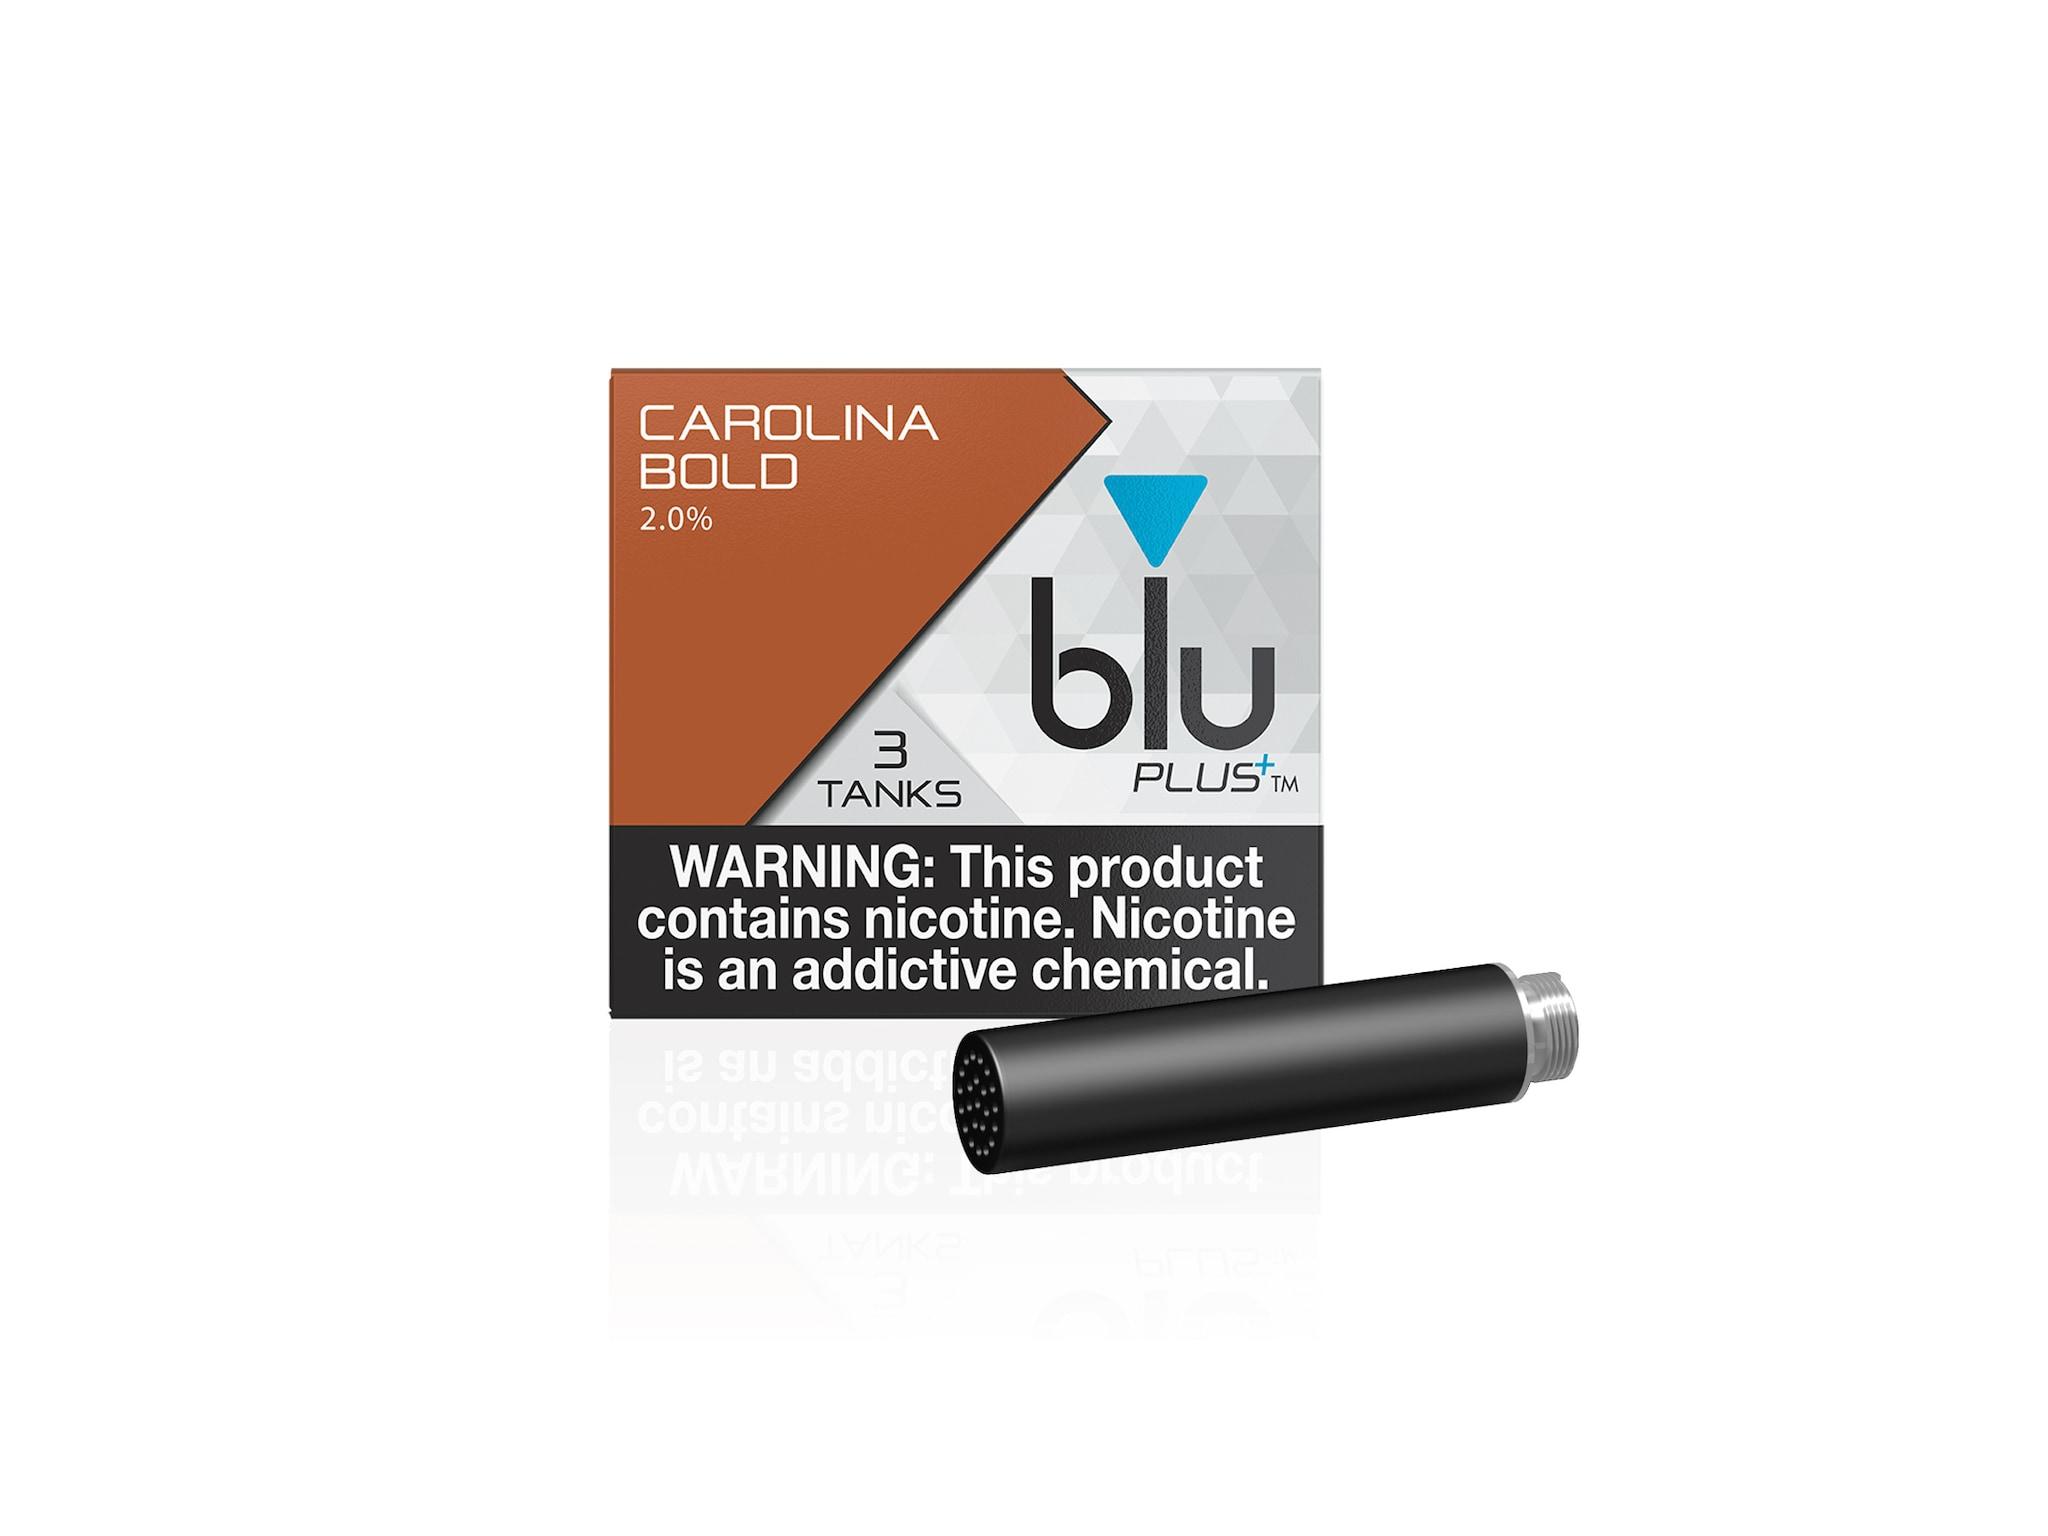 Blue Kit liikme suurus Kas see on normaalne, kui liige suurus on 13 cm